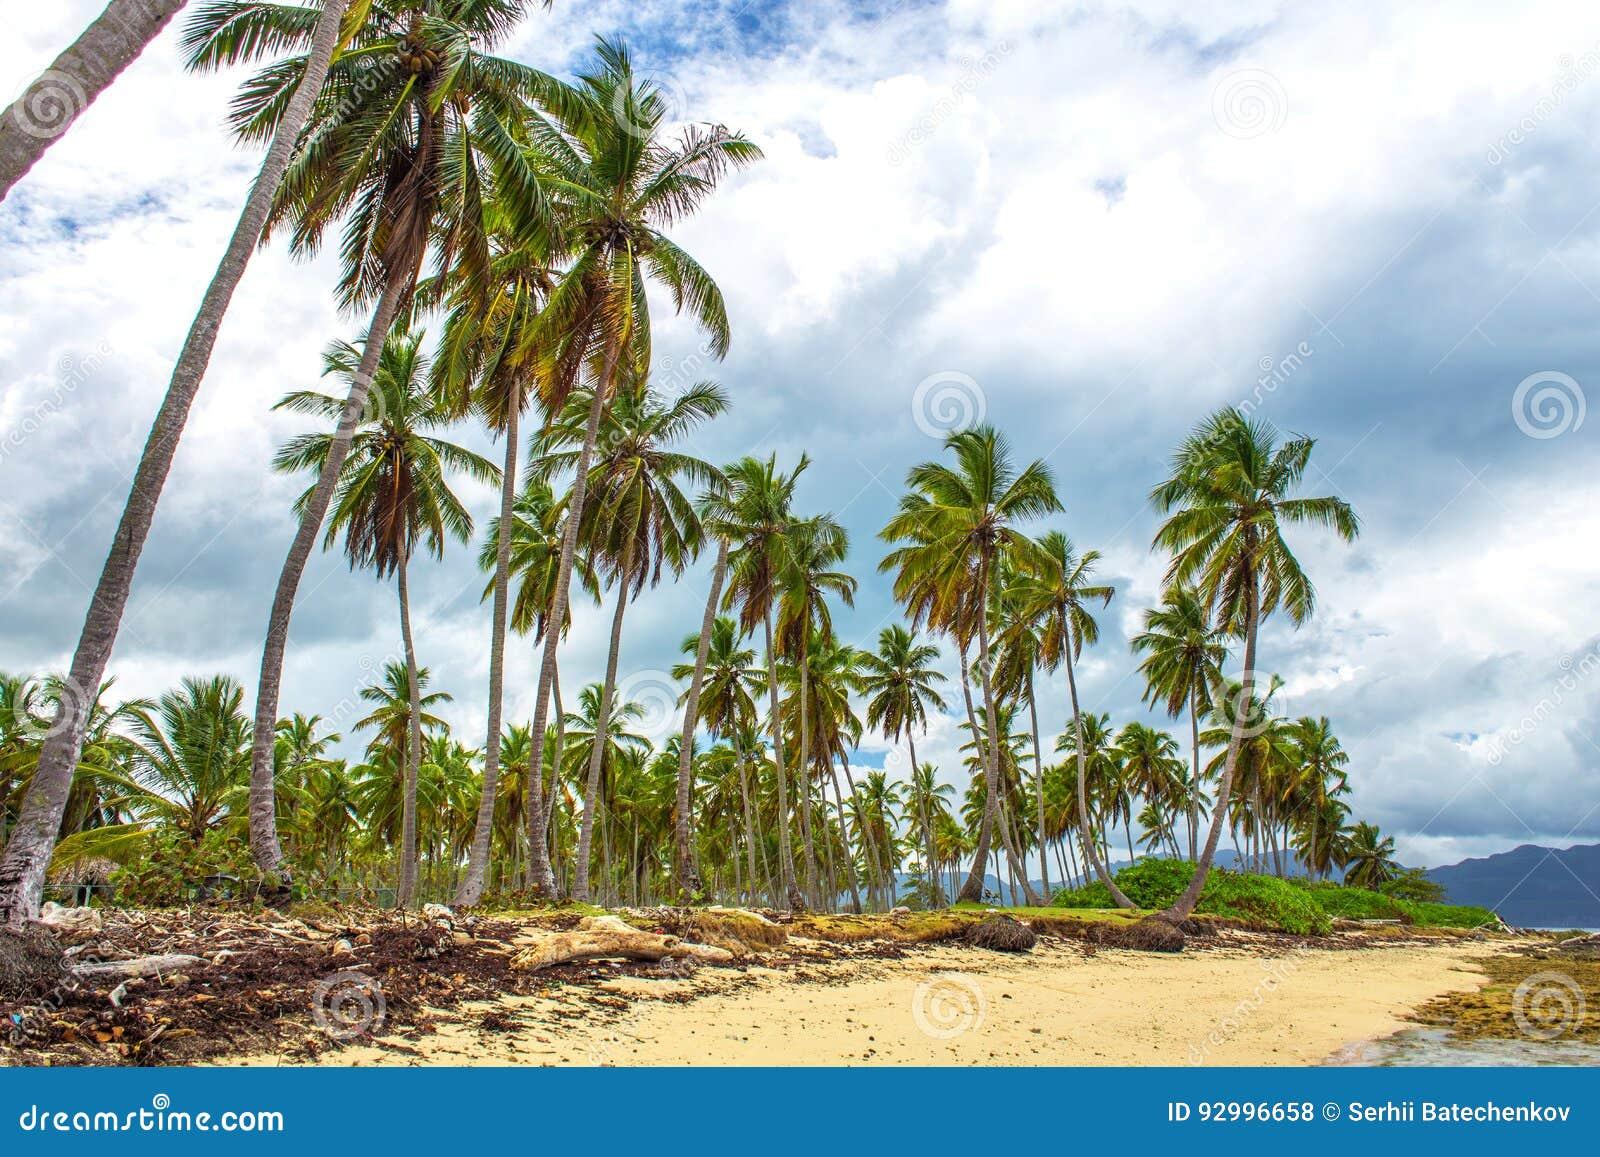 Tropical beach and grey sky